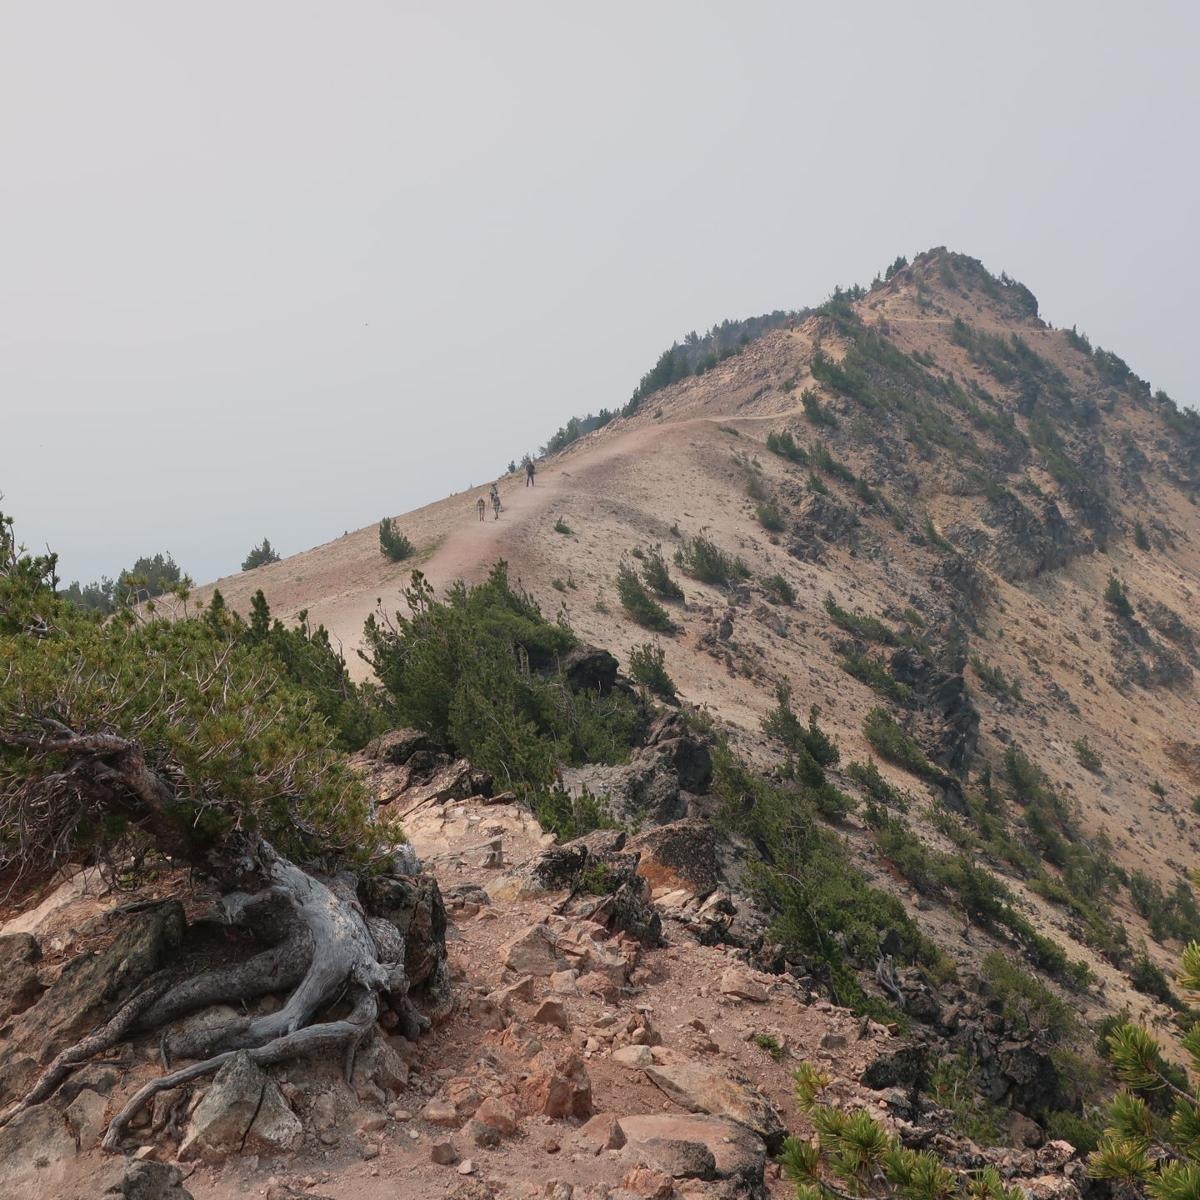 Mt. Scott final climb